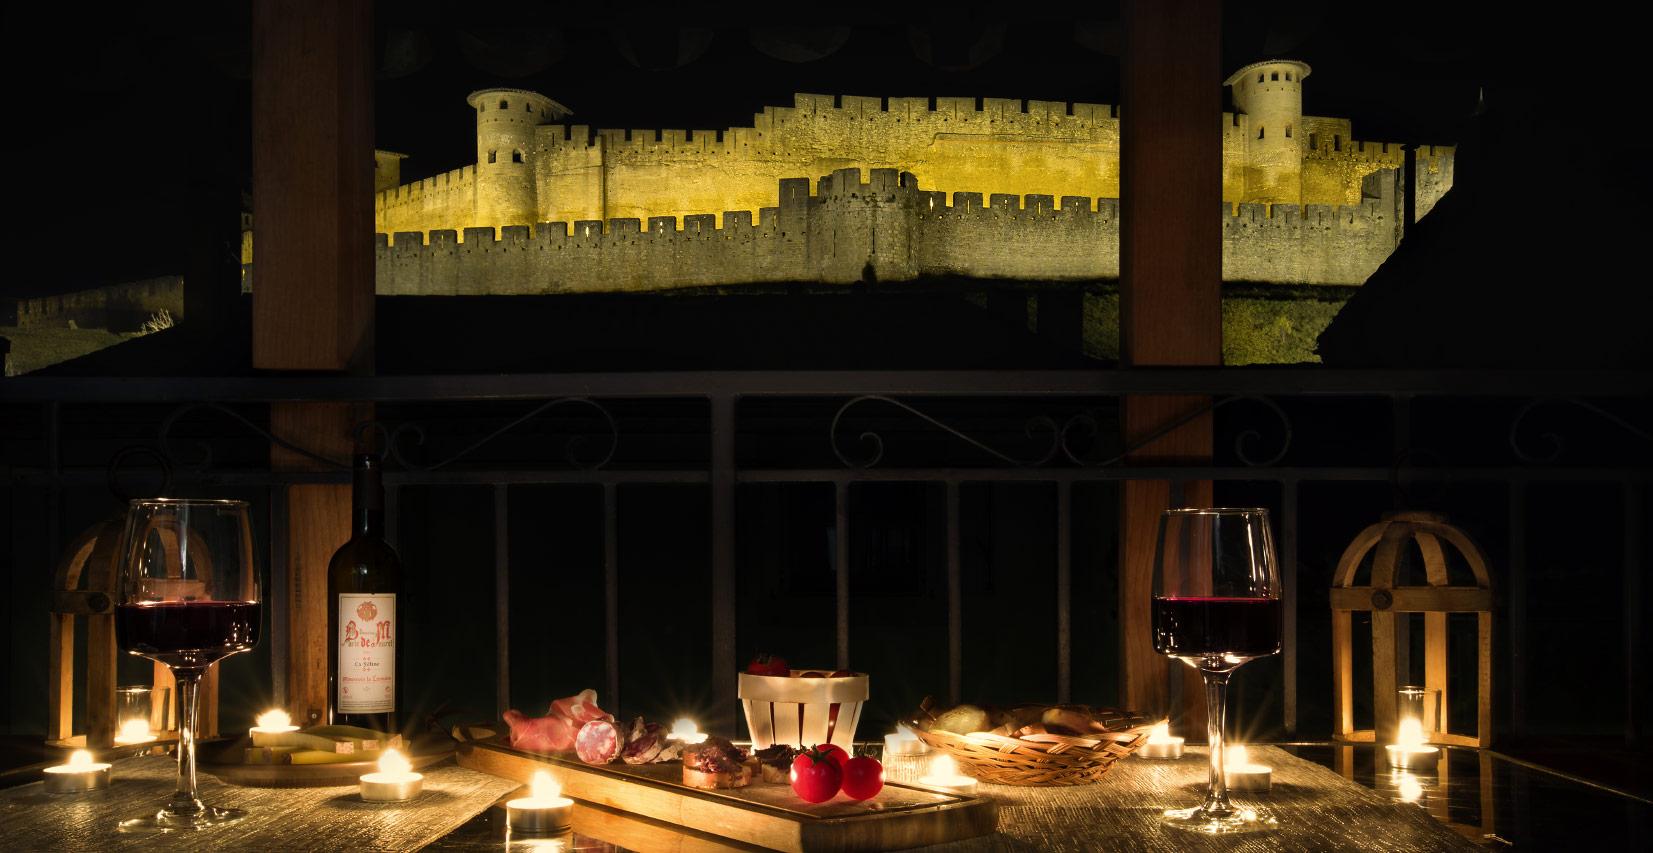 Séance photo de la maison d'hôte les Clés de la Cité à Carcassonne en ambiance apéritif de nuit